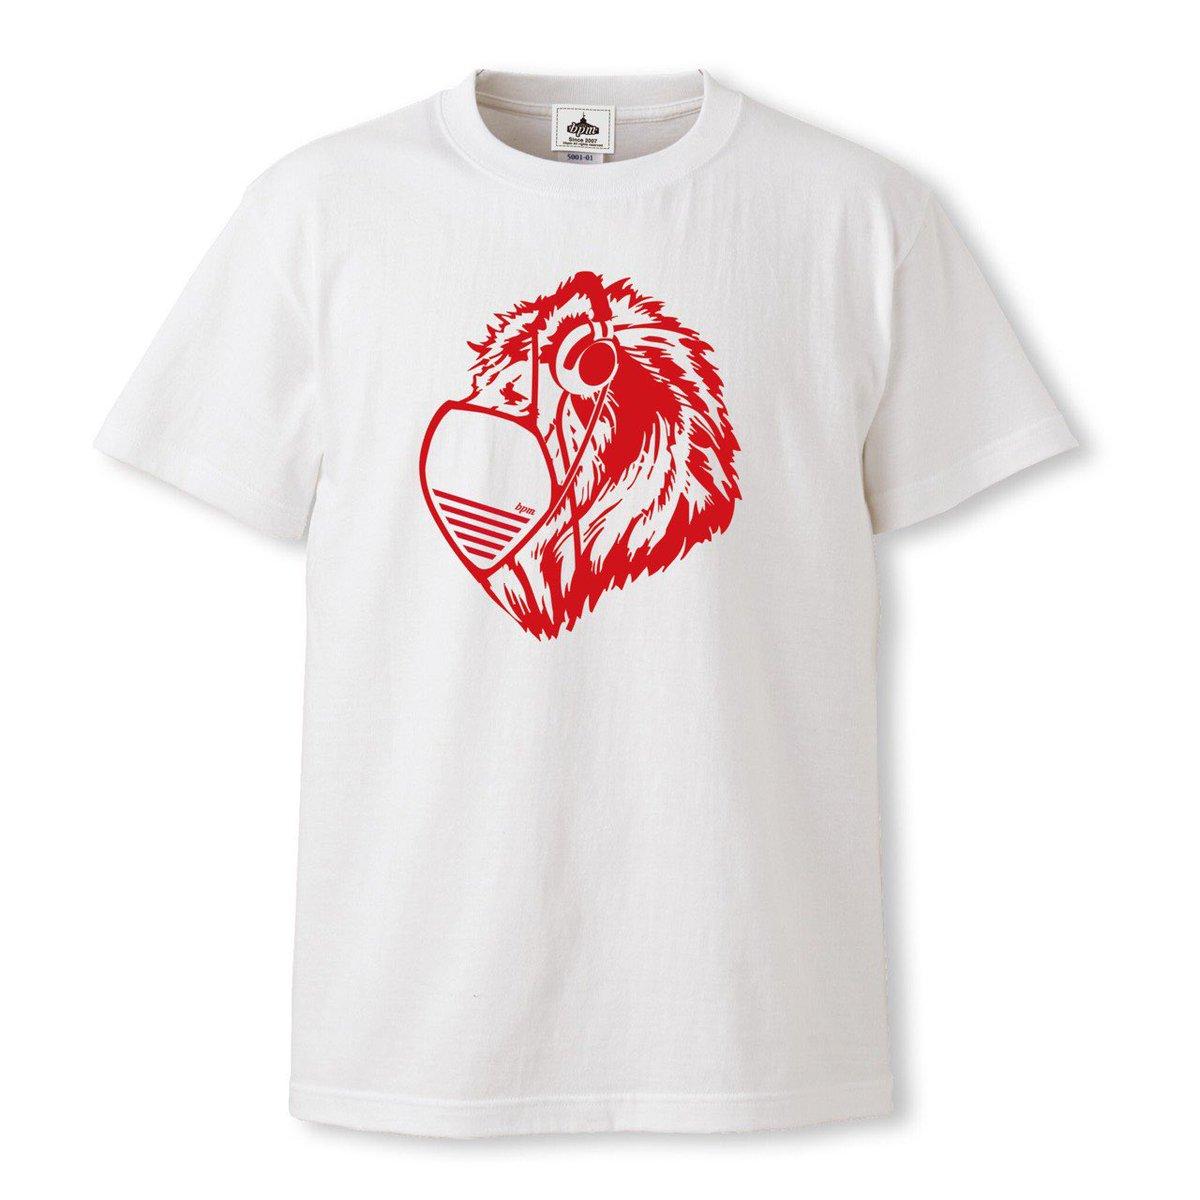 昨日は本当にありがとうございました!今回新たにデザインさせていただいた「レオTシャツ Care edition」は、本日10時より注文受付を開始しています。よろしくお願いします!さあ、選挙行って仕事だ。(浅沼)